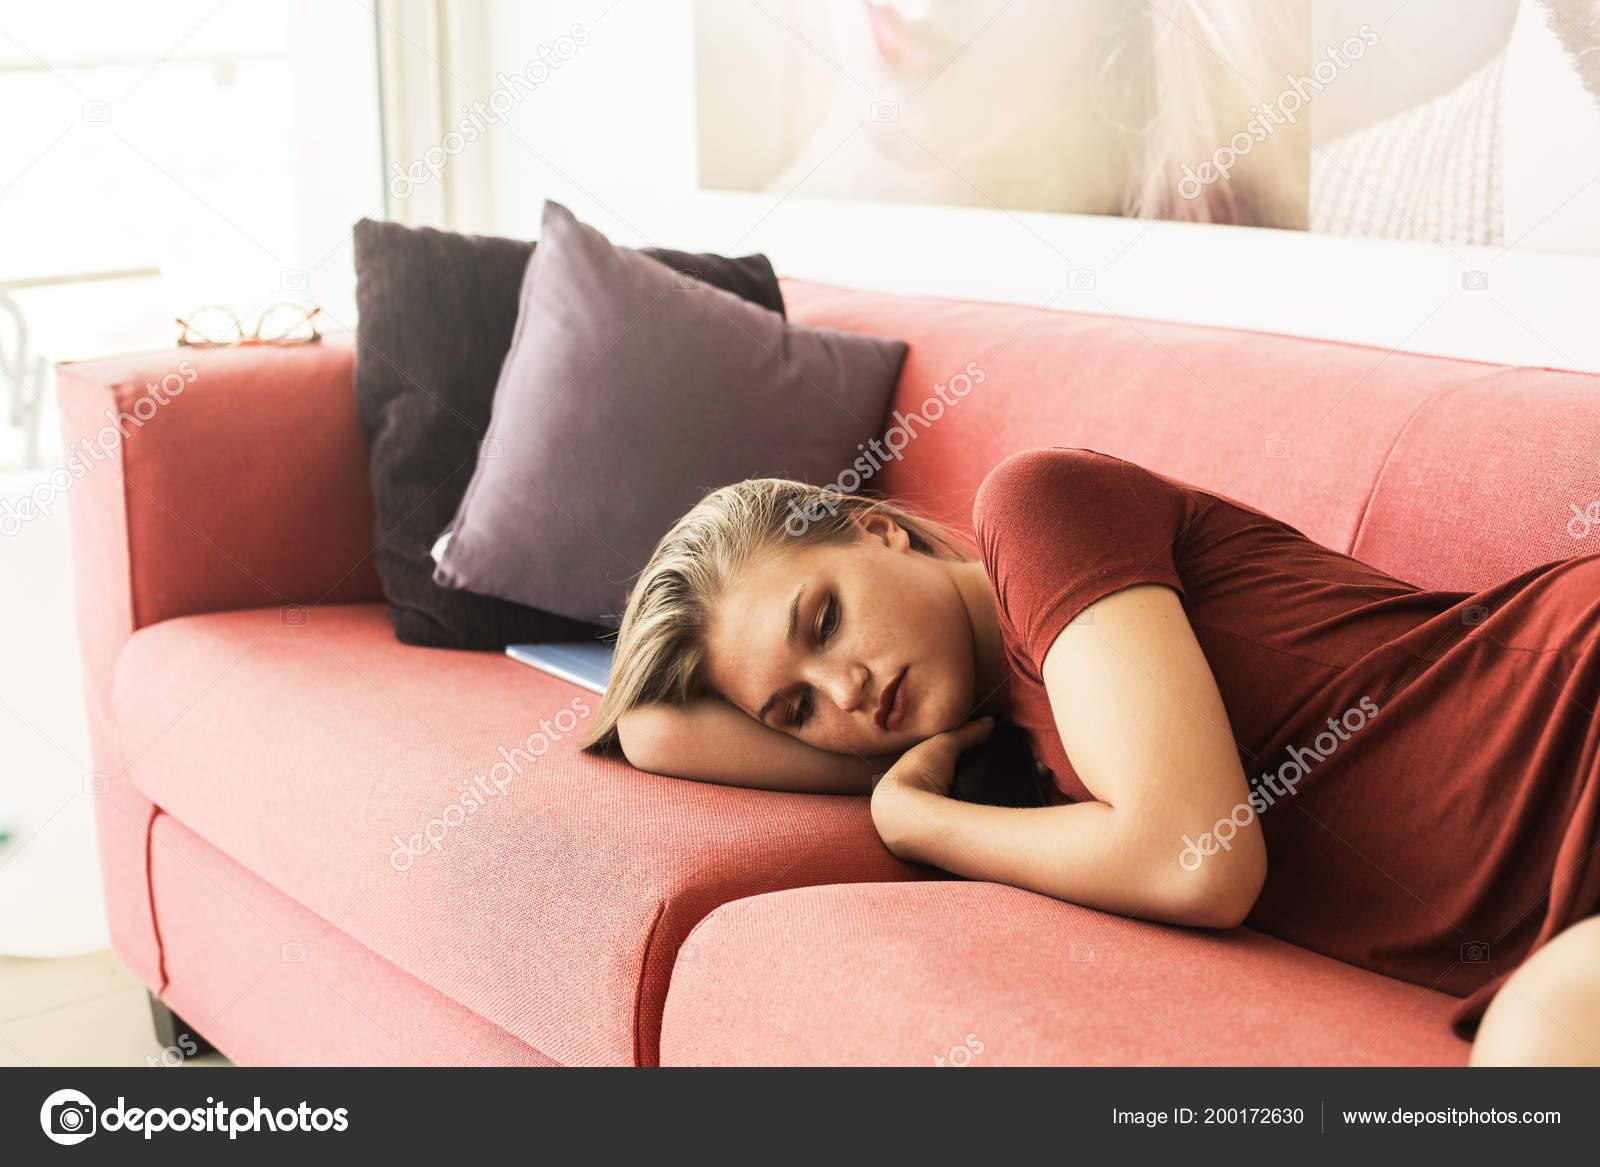 Junge Frau Bett Liegen Und Traumen Stockfoto C Olly18 200172630